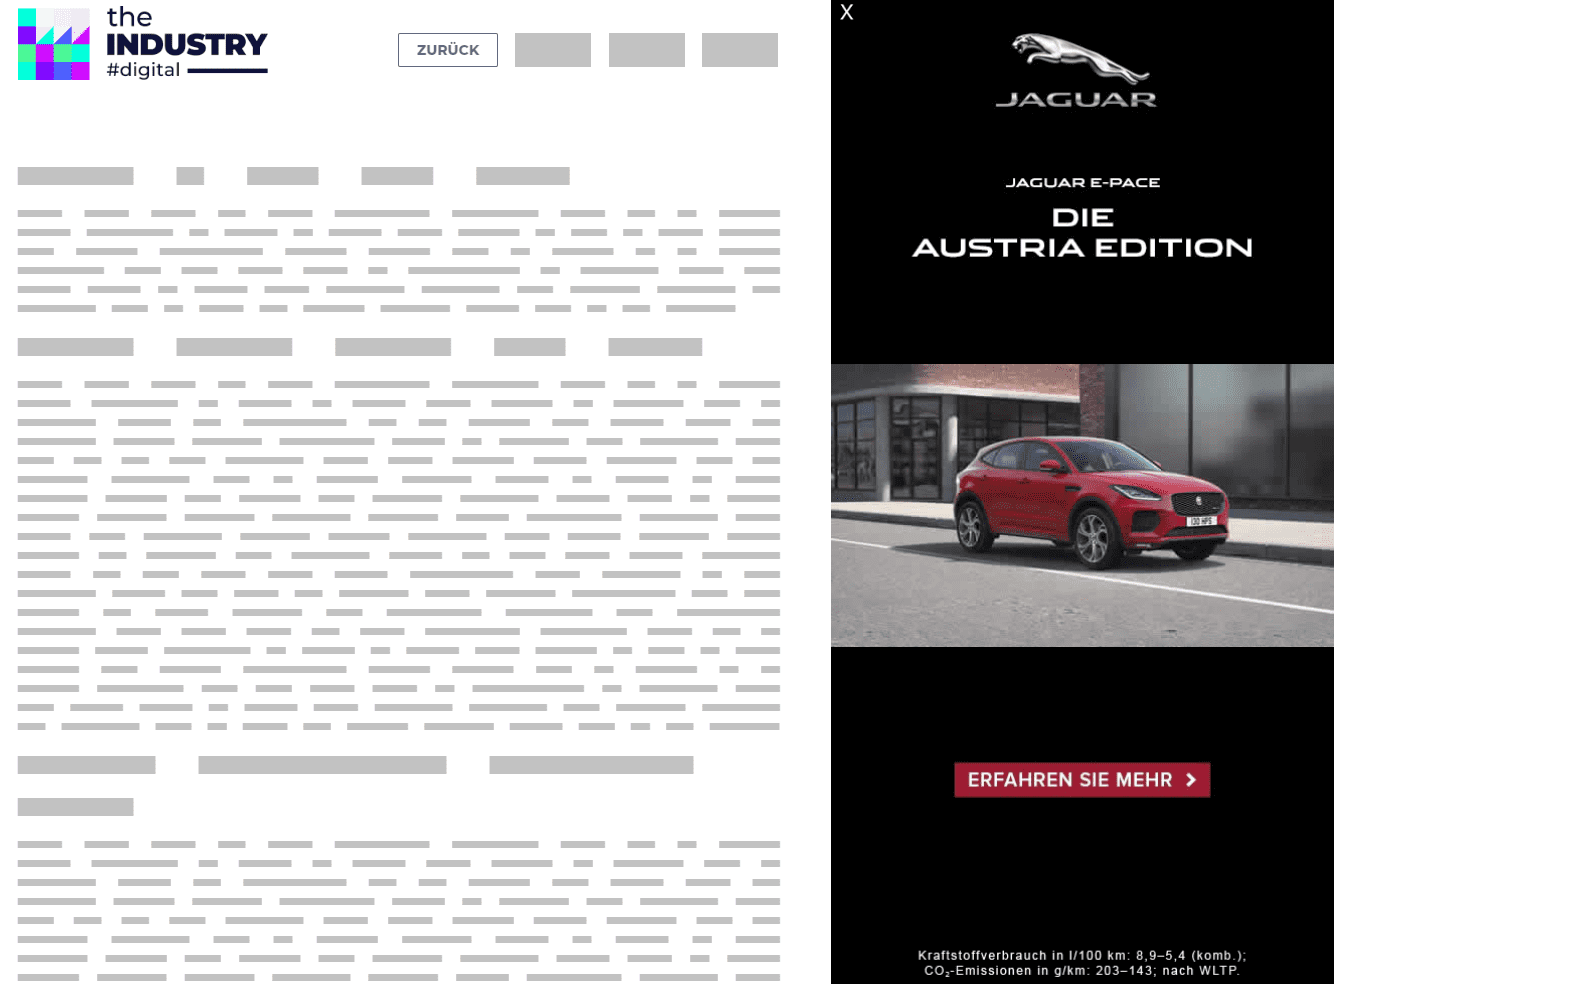 Das Bild zeigt eine Sitebar 360 von Jaguar